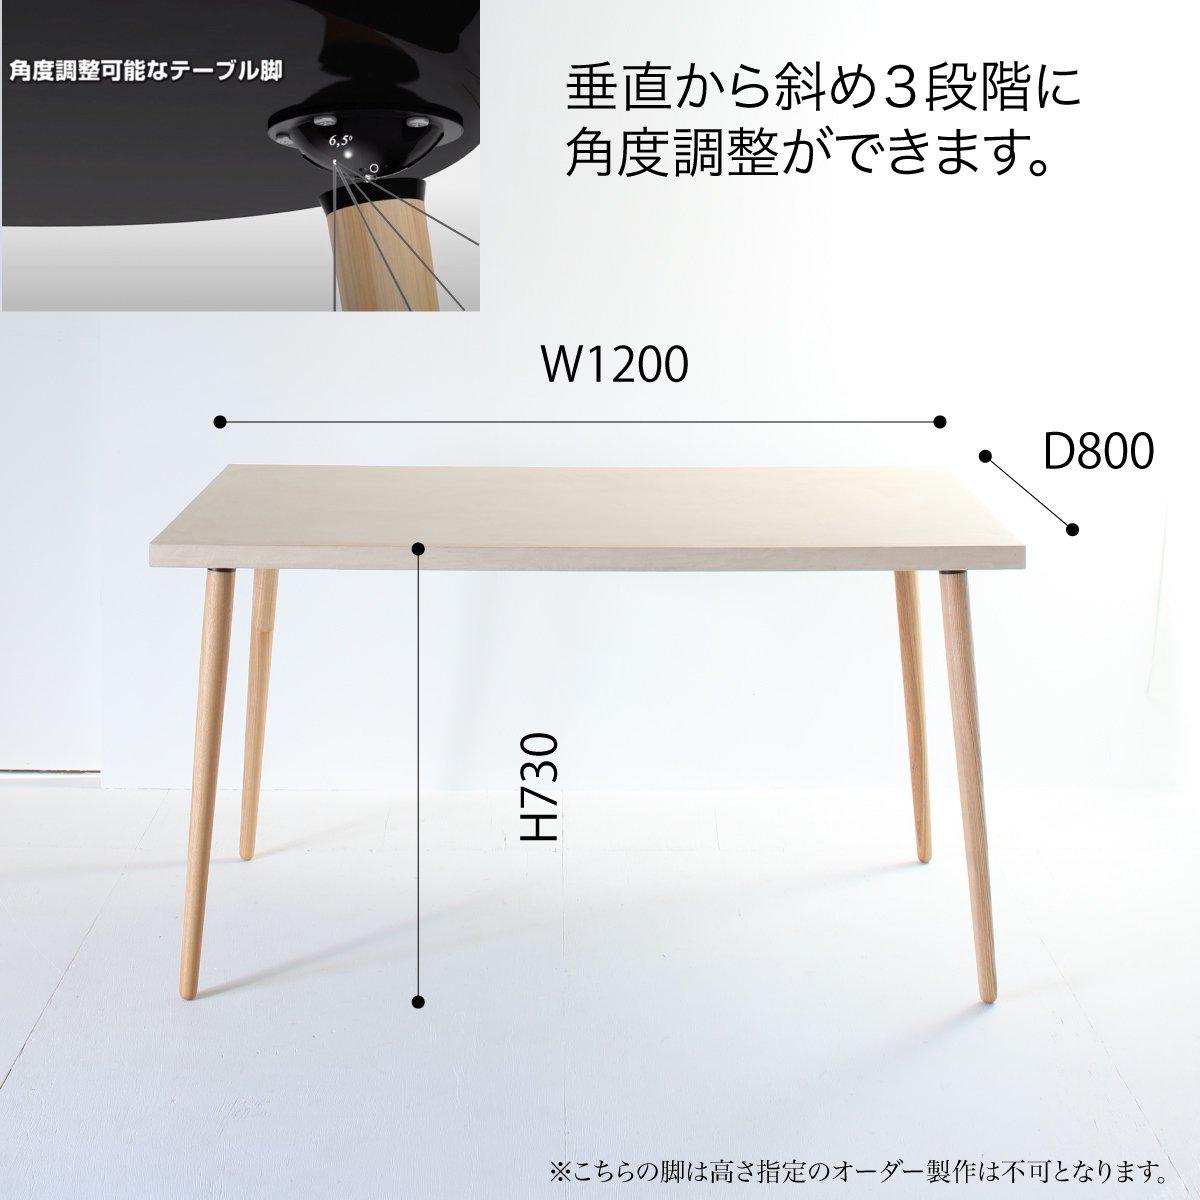 ダイニングテーブル選べる斜めホワイト脚